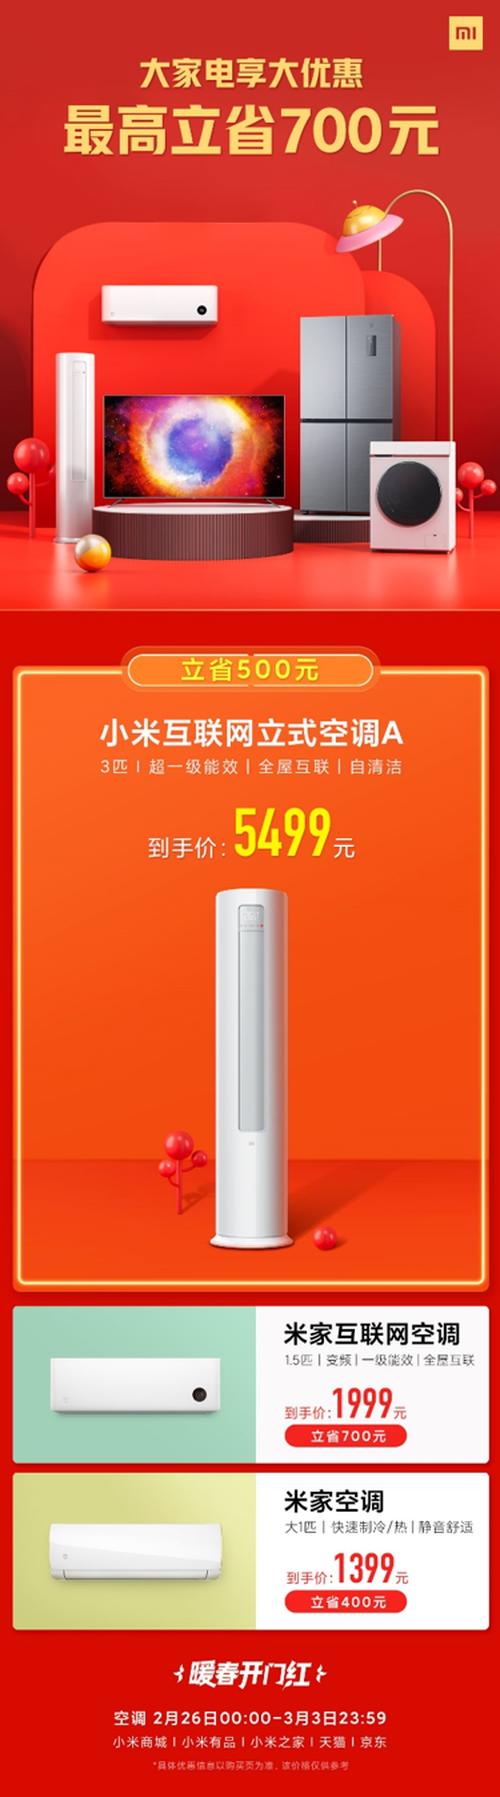 小米互联网空调超一级能效巨省电巨省钱  3匹爆款直降500元